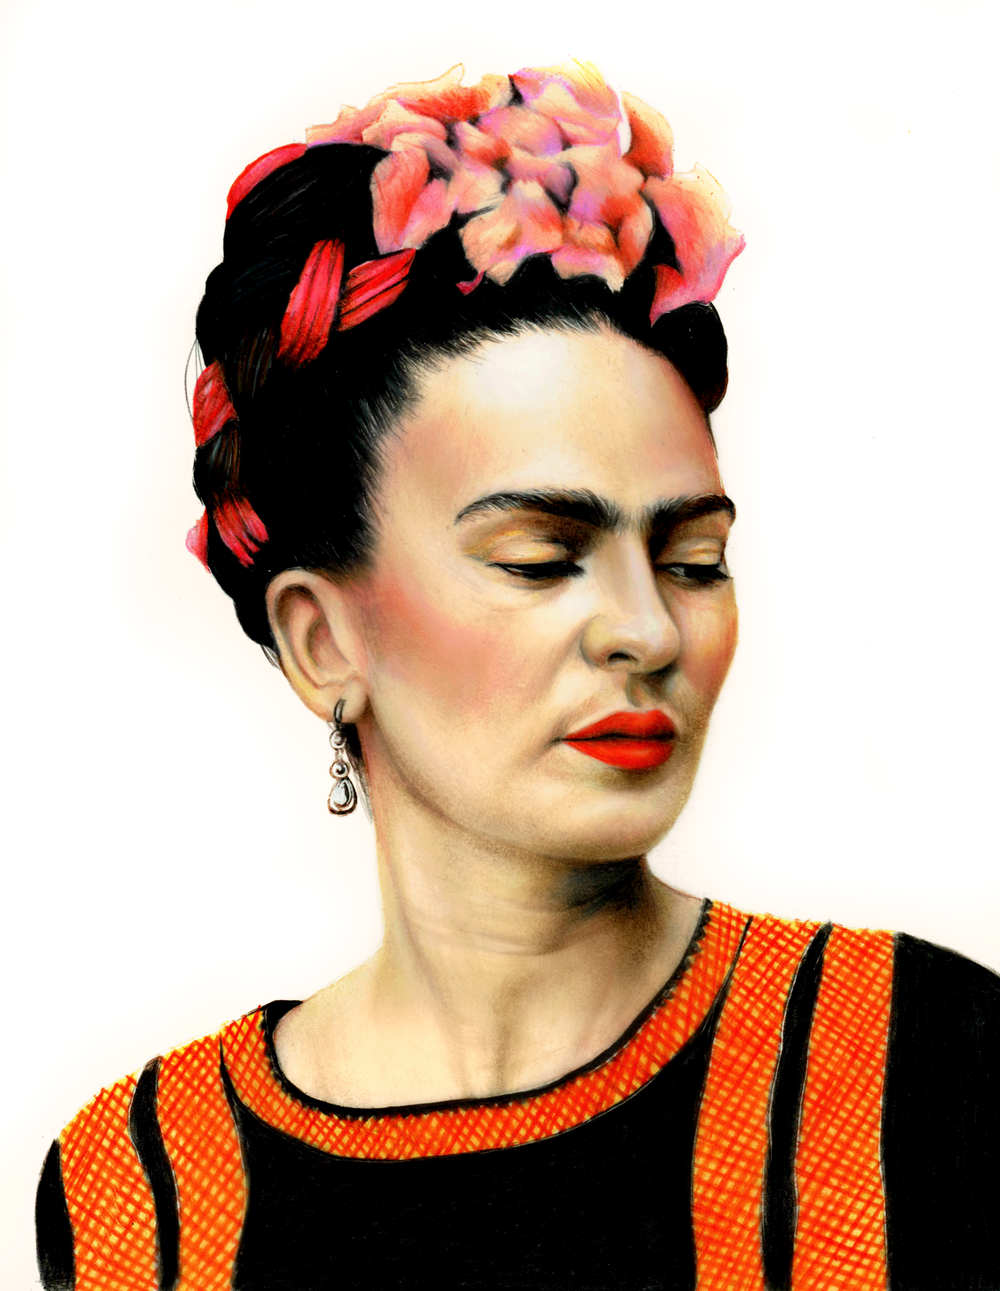 Friday Kahlo Art by Ling McGregor